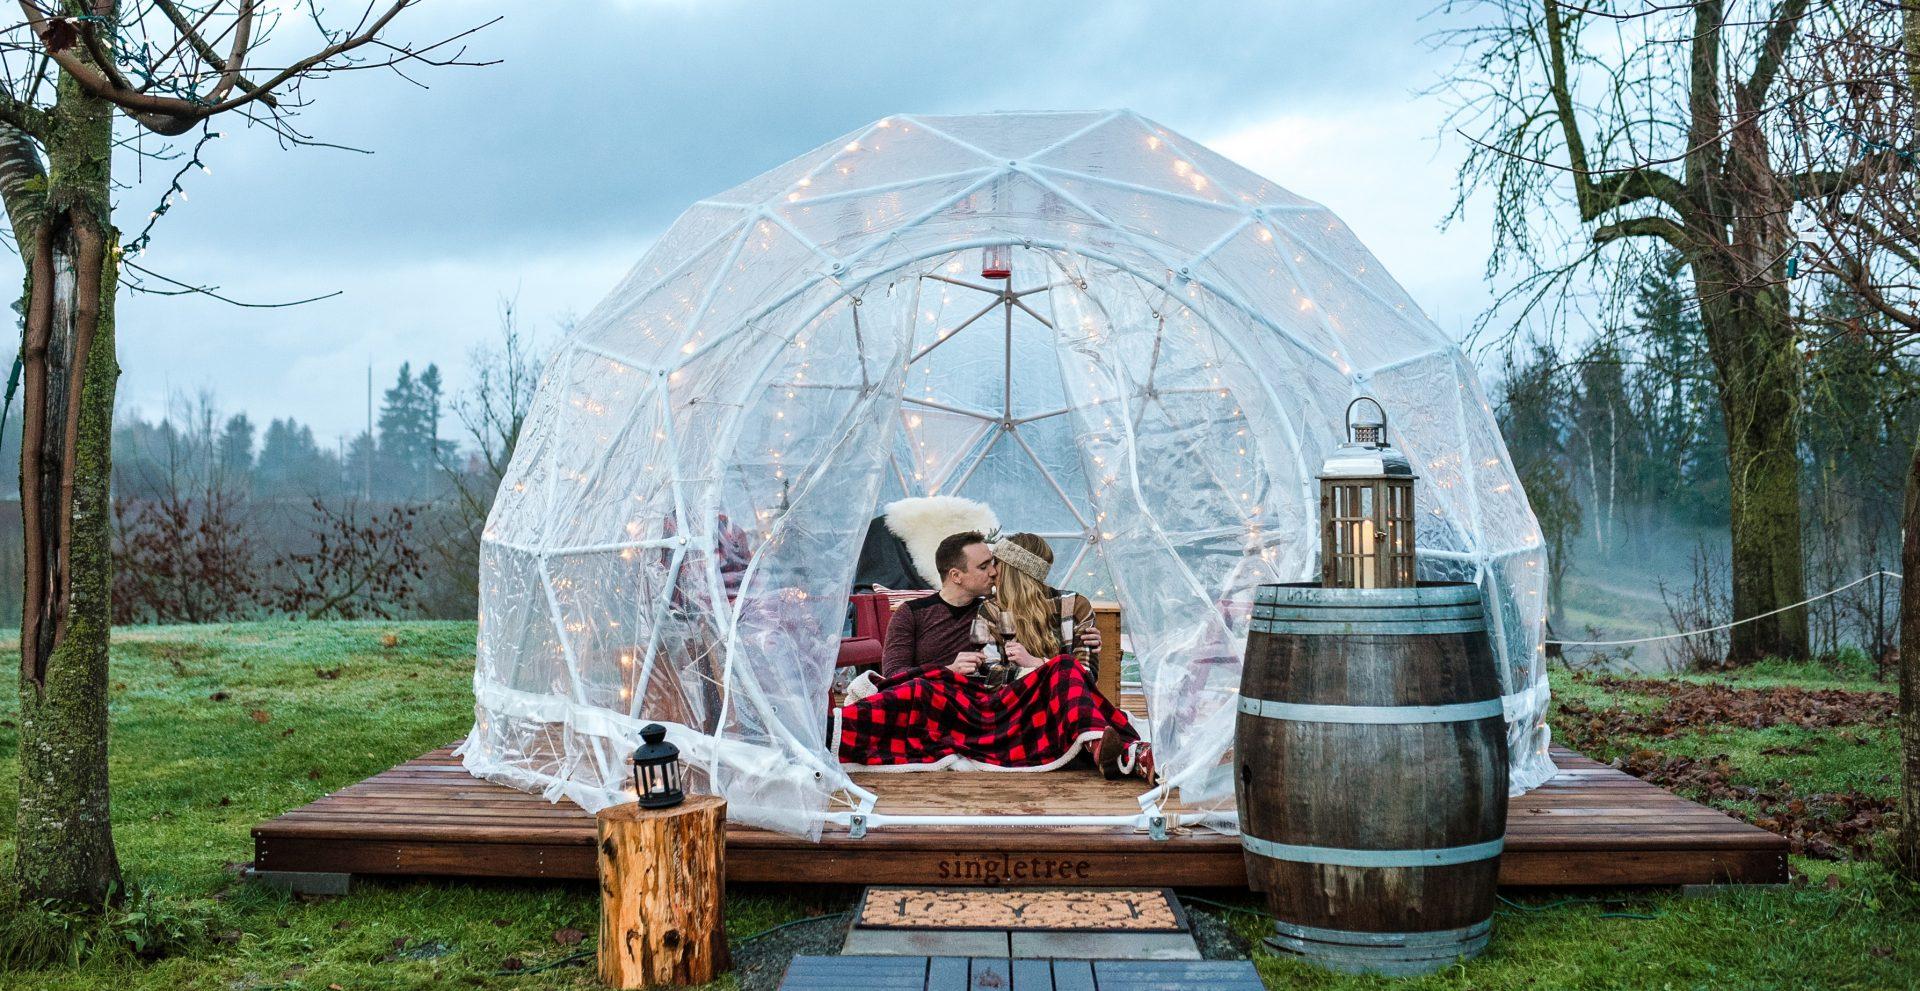 Metro Vancouver's dreamy wine domes are a romantic date night idea